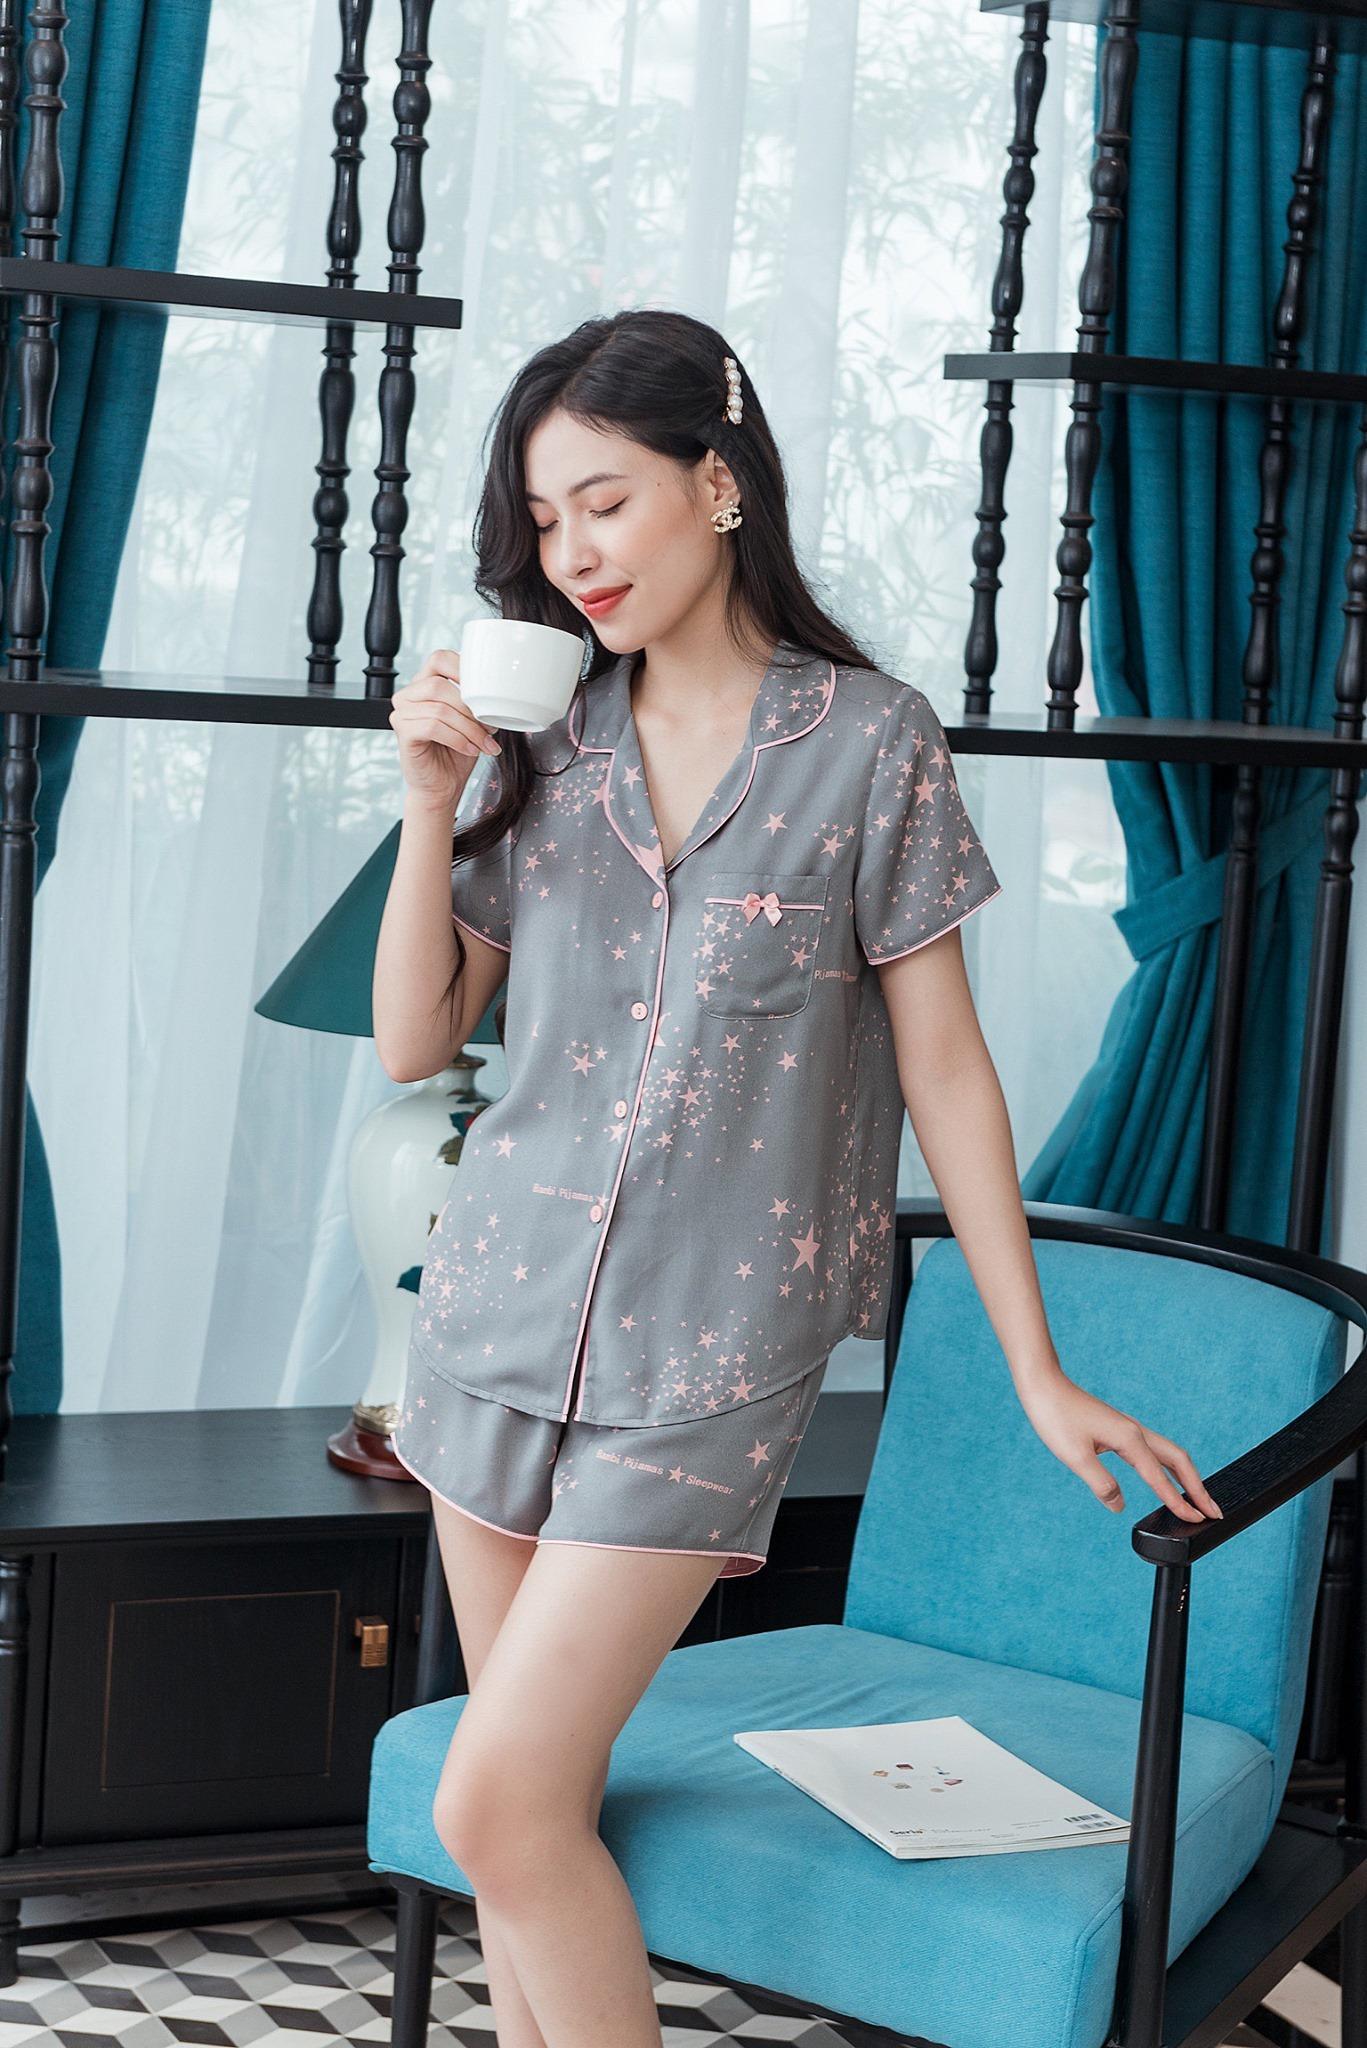 Jisoo diện bộ pyjama gần 3 triệu, chị em thích thì sắm mấy bộ tương tự giá chỉ vài trăm này - Ảnh 5.